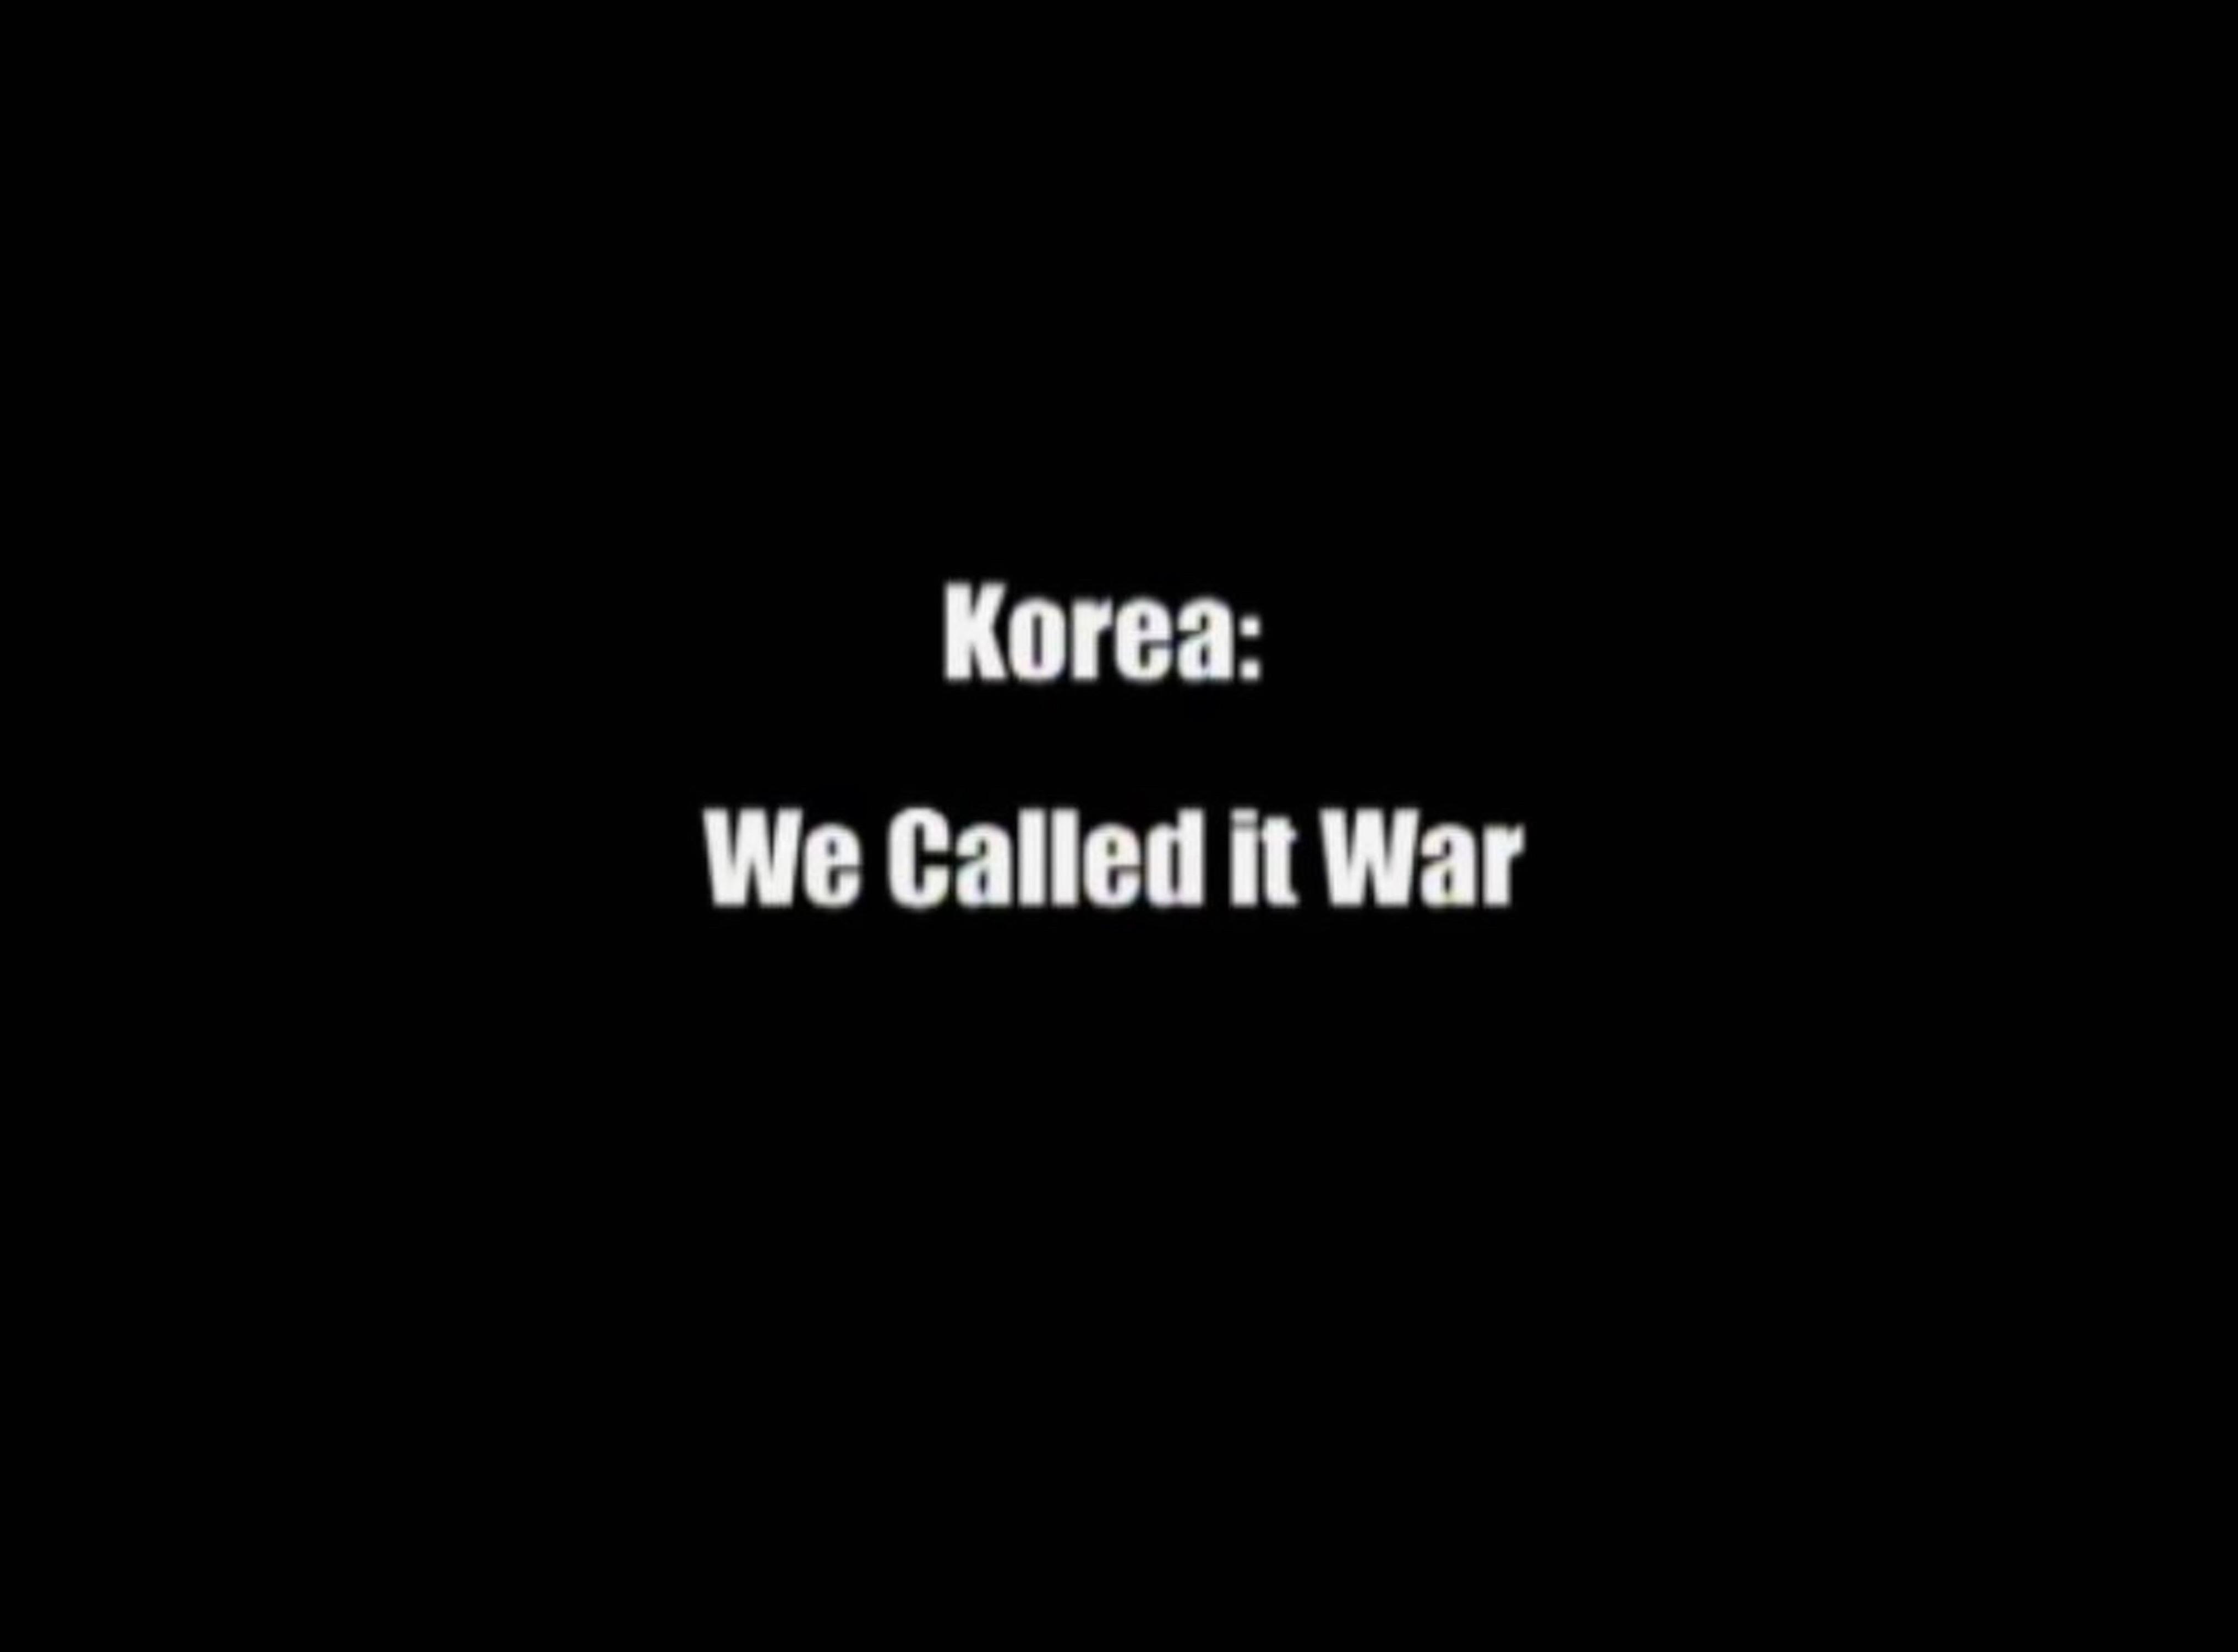 Korea: We Called It War